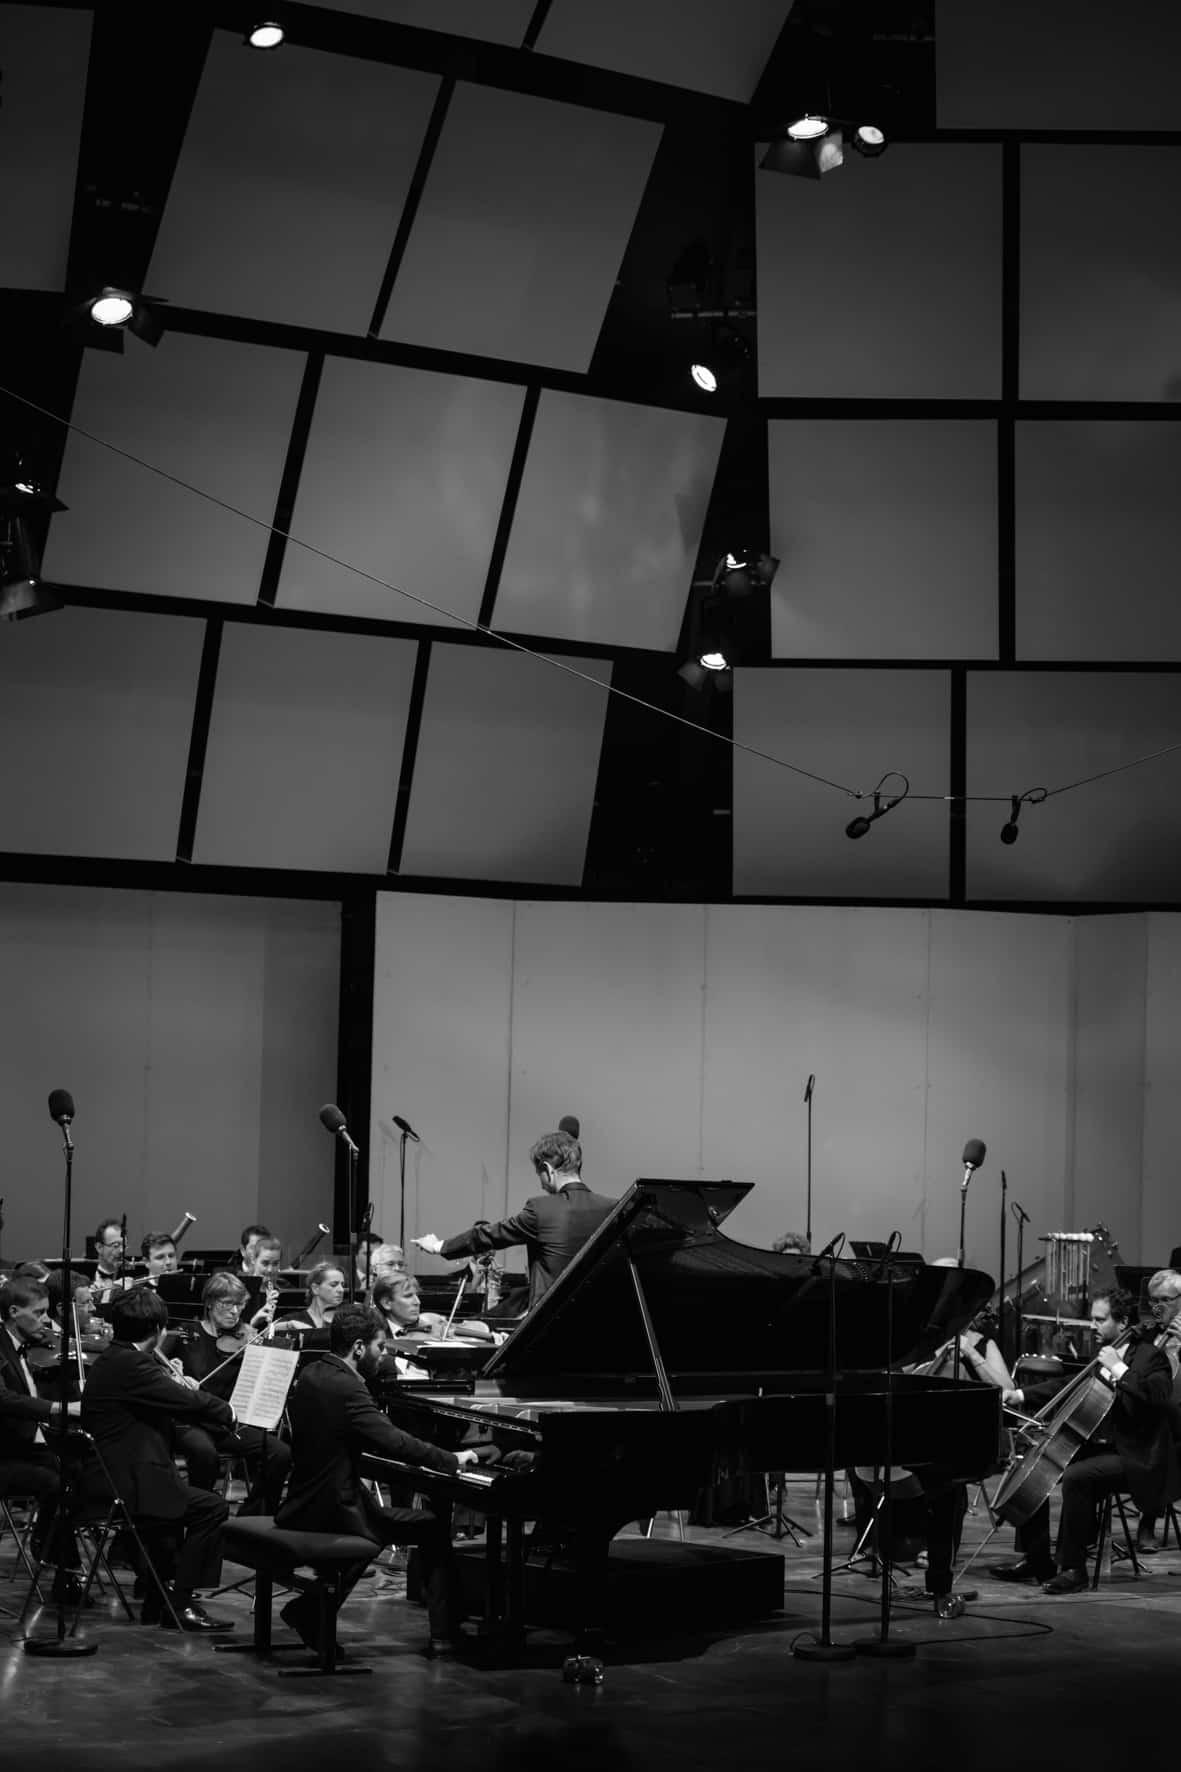 Concert 20 juillet 2019 - Festival de la Roque d'Anthéron - @Christophe GREMIOT